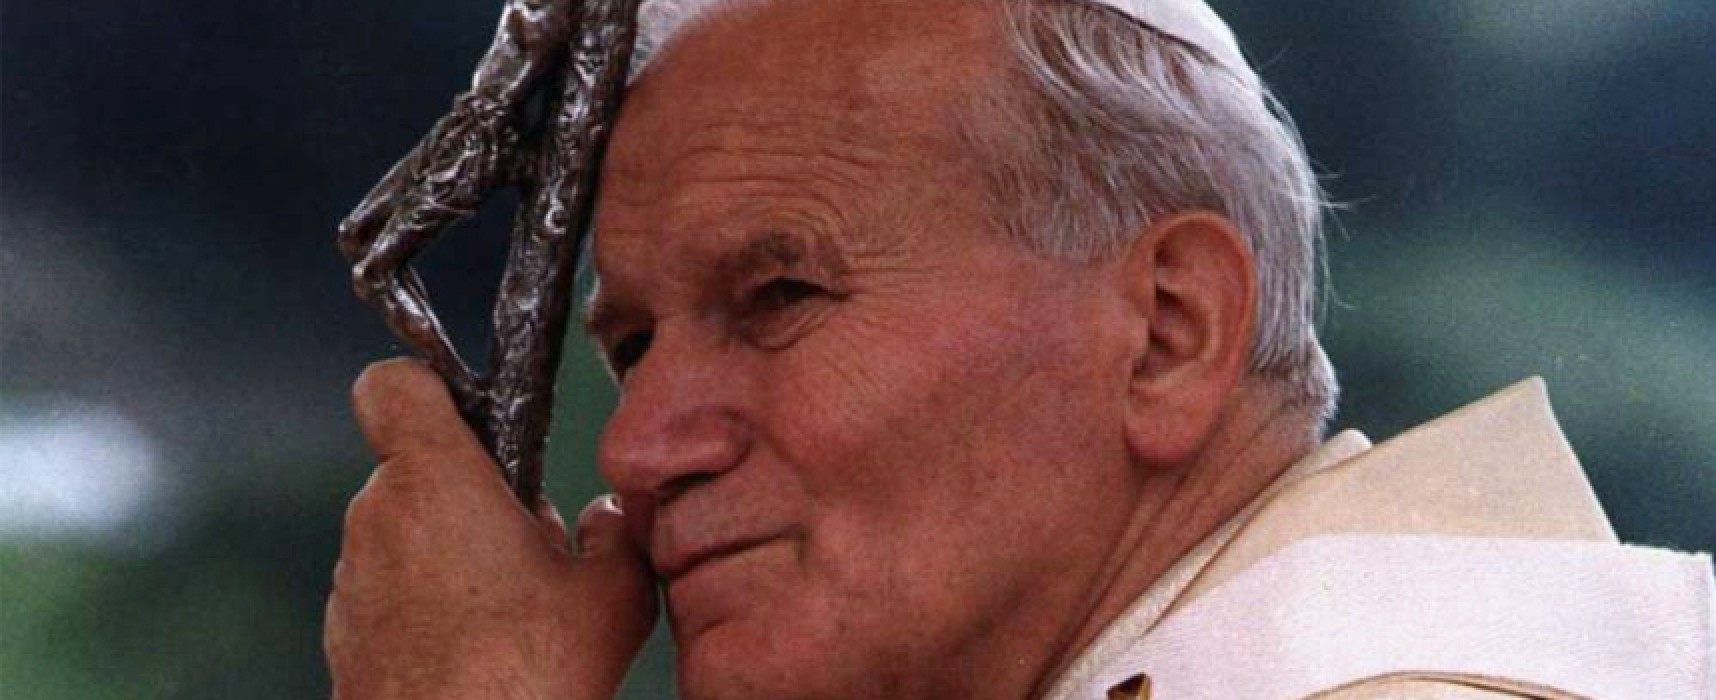 Premio Giovanni Paolo II, tra i premiati Flavio Insinna, Carmen Russo e Mara Maionchi / DETTAGLI